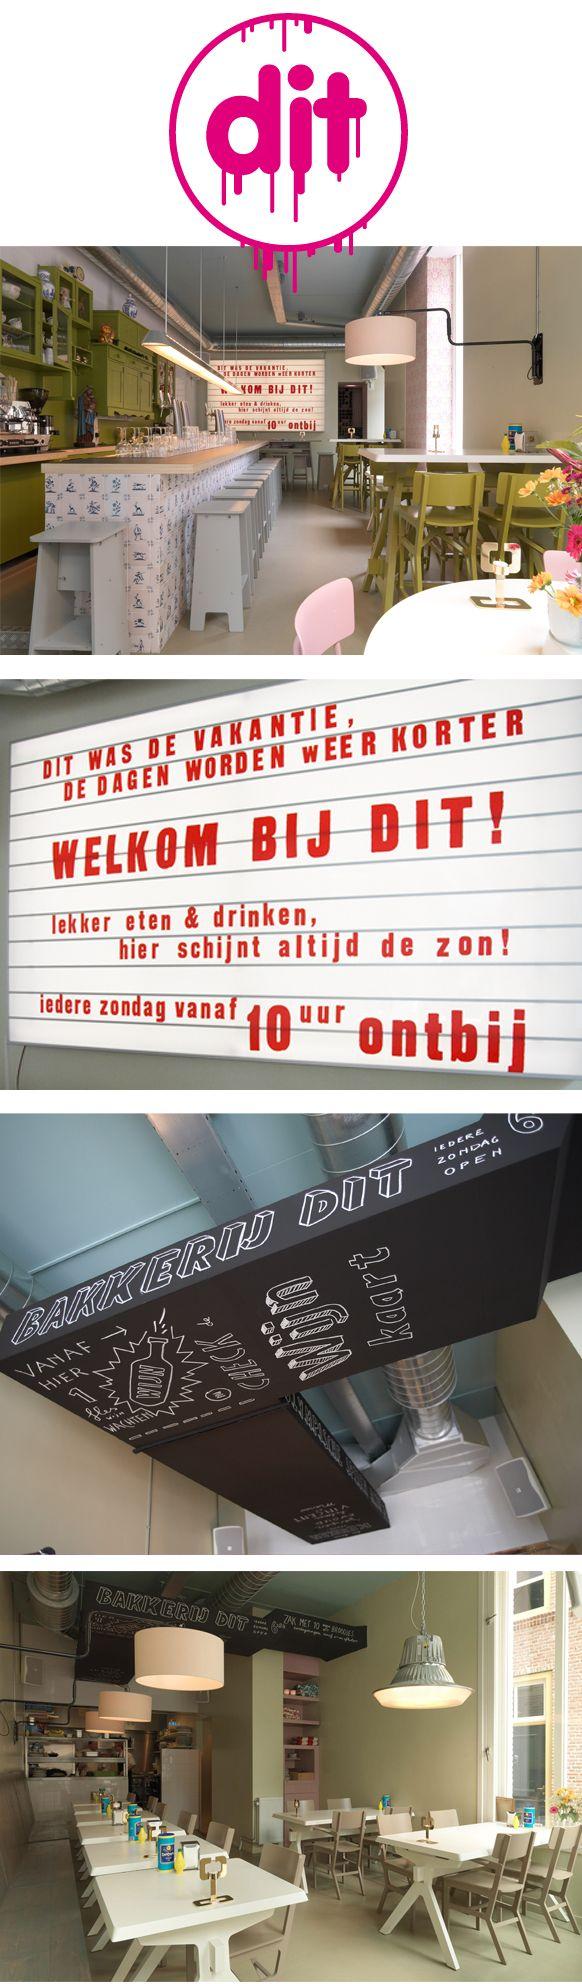 Eetbar DIT in Den Bosch